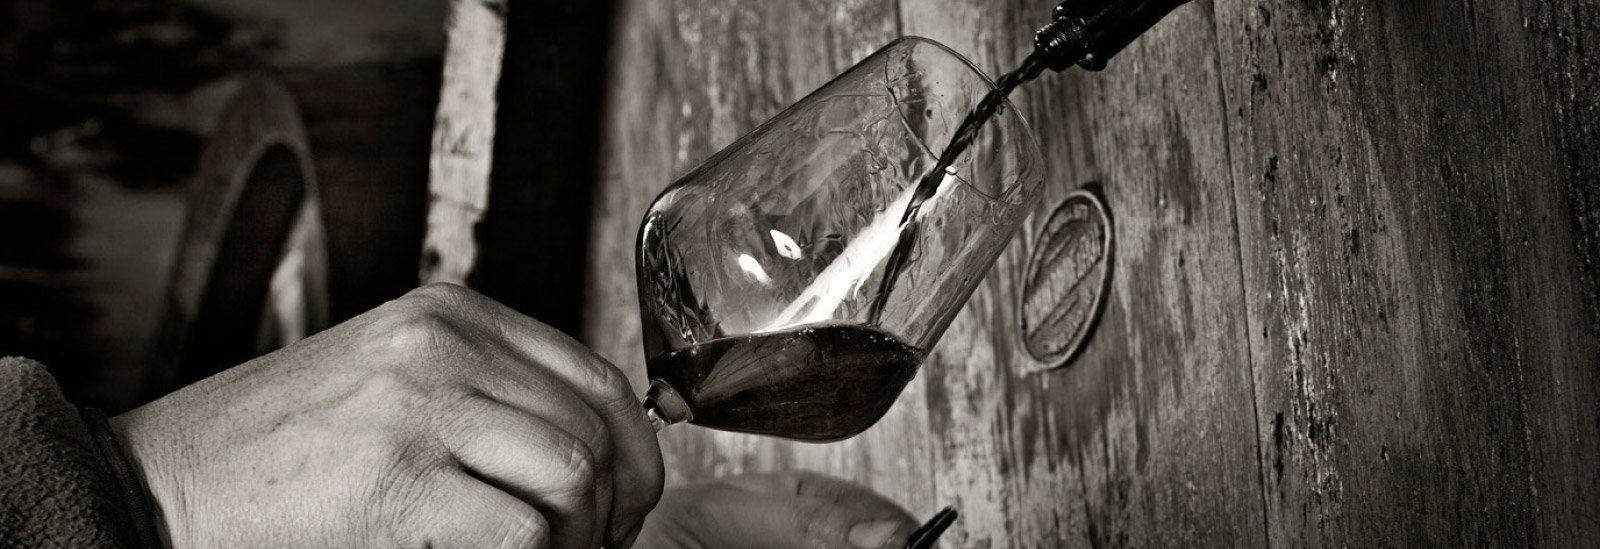 Visite in cantina e degustazione vini - Ciabot Berton - La Morra